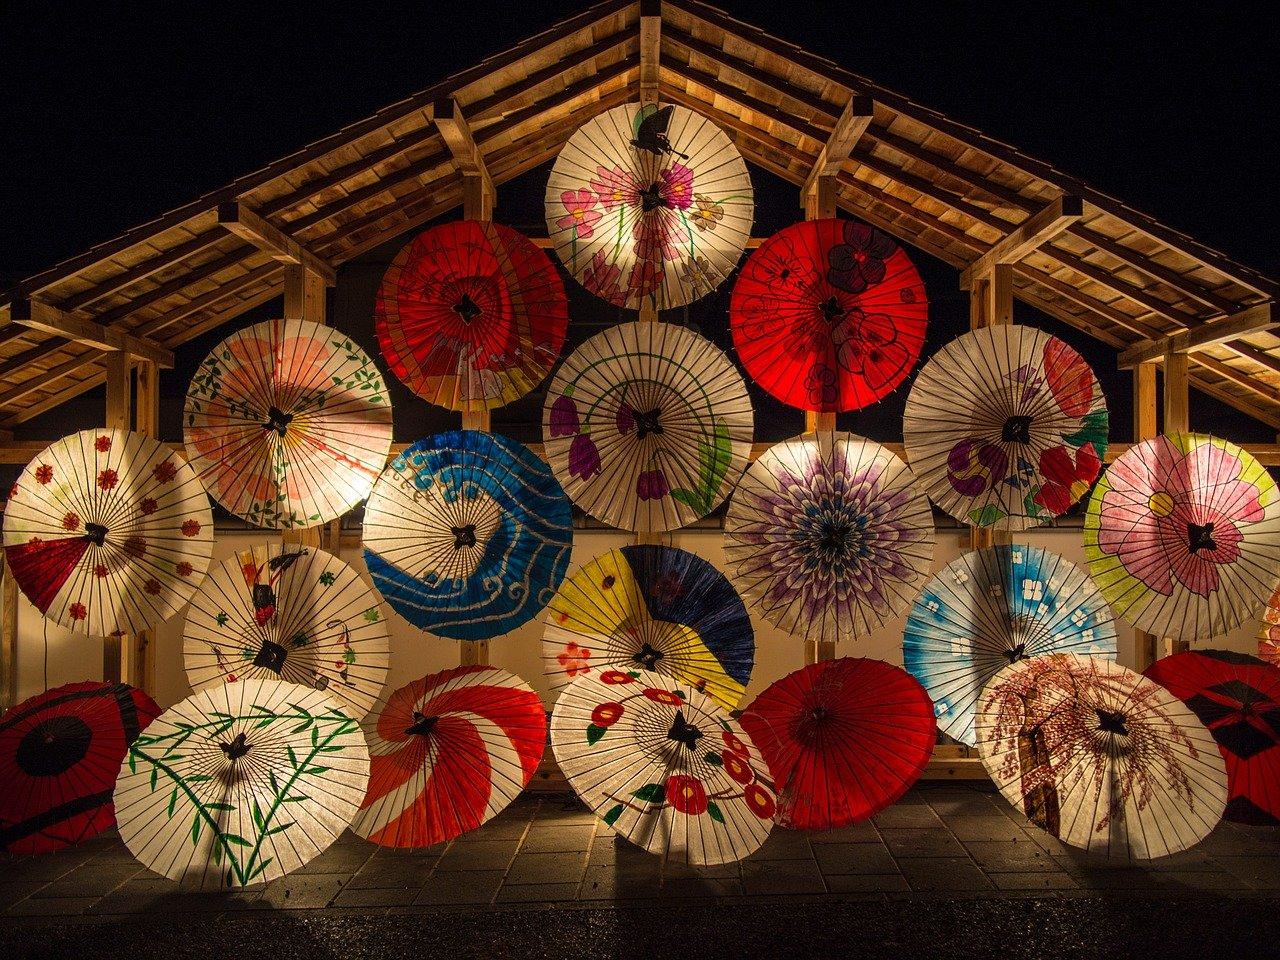 Stojaki na parasole